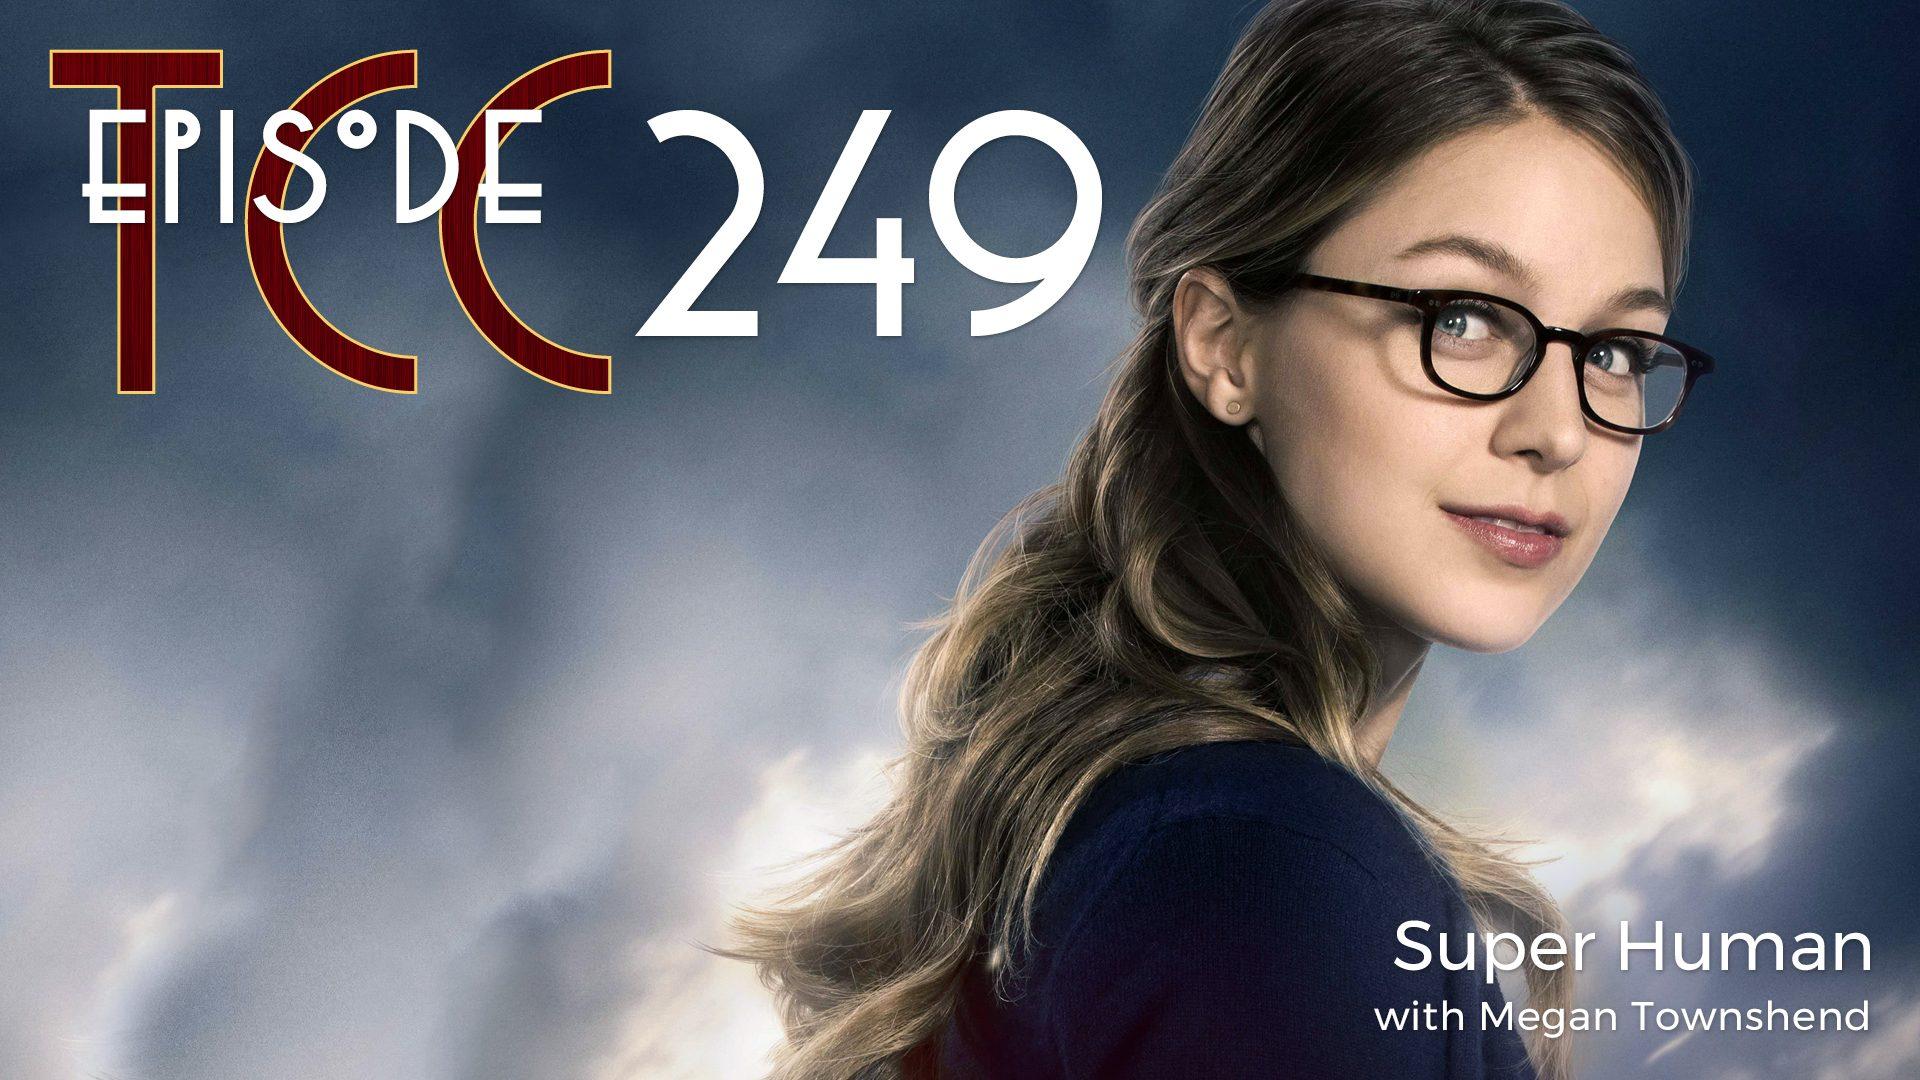 The Citadel Cafe 249: Super Human